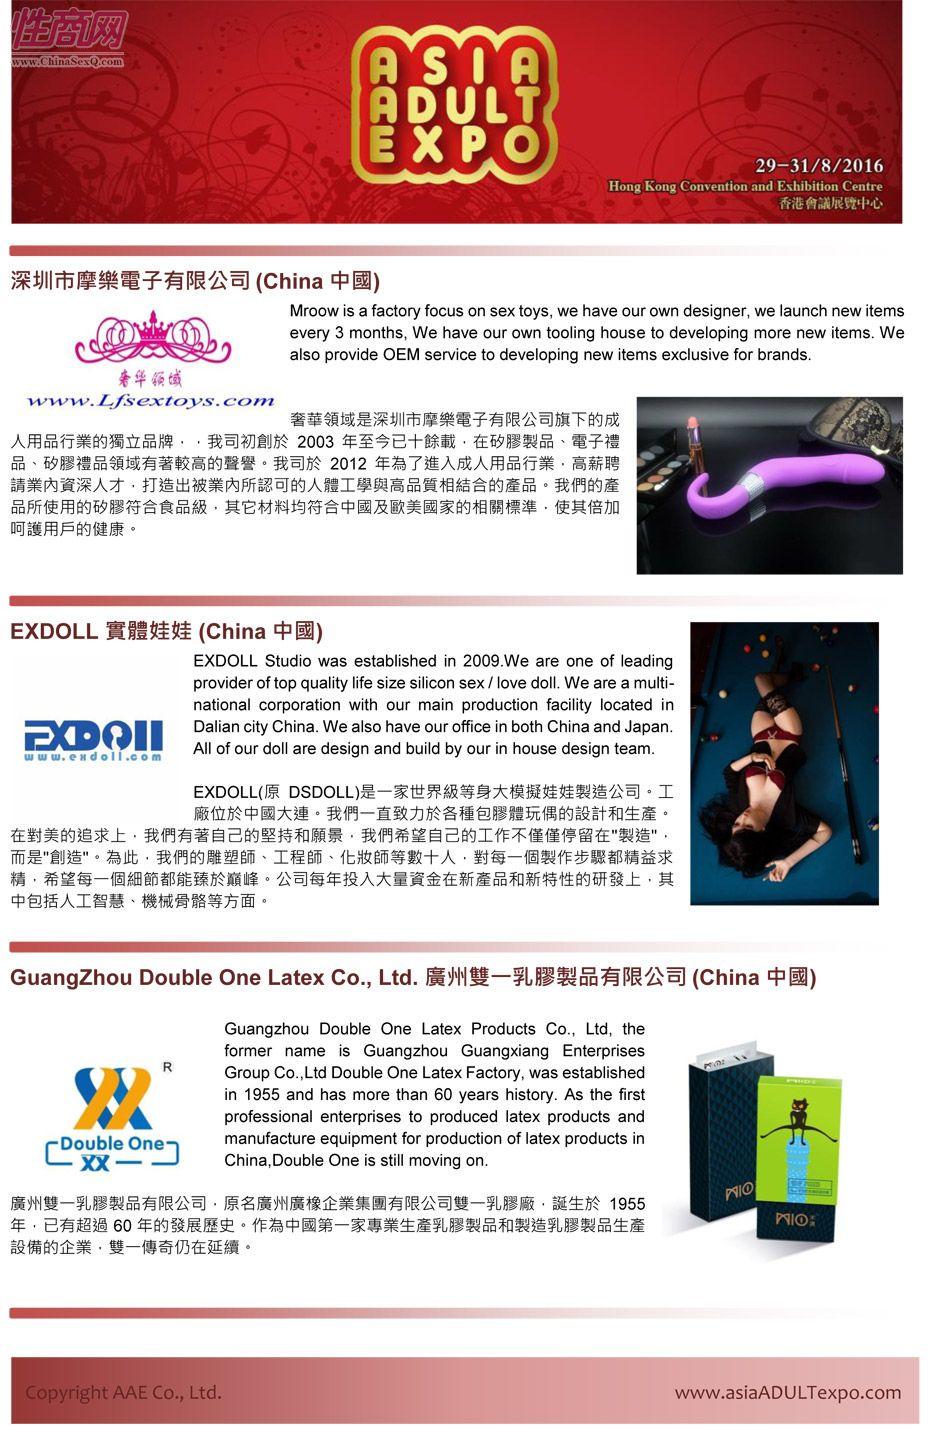 2016年亚洲成人博览AAE(香港)参展企业图片2